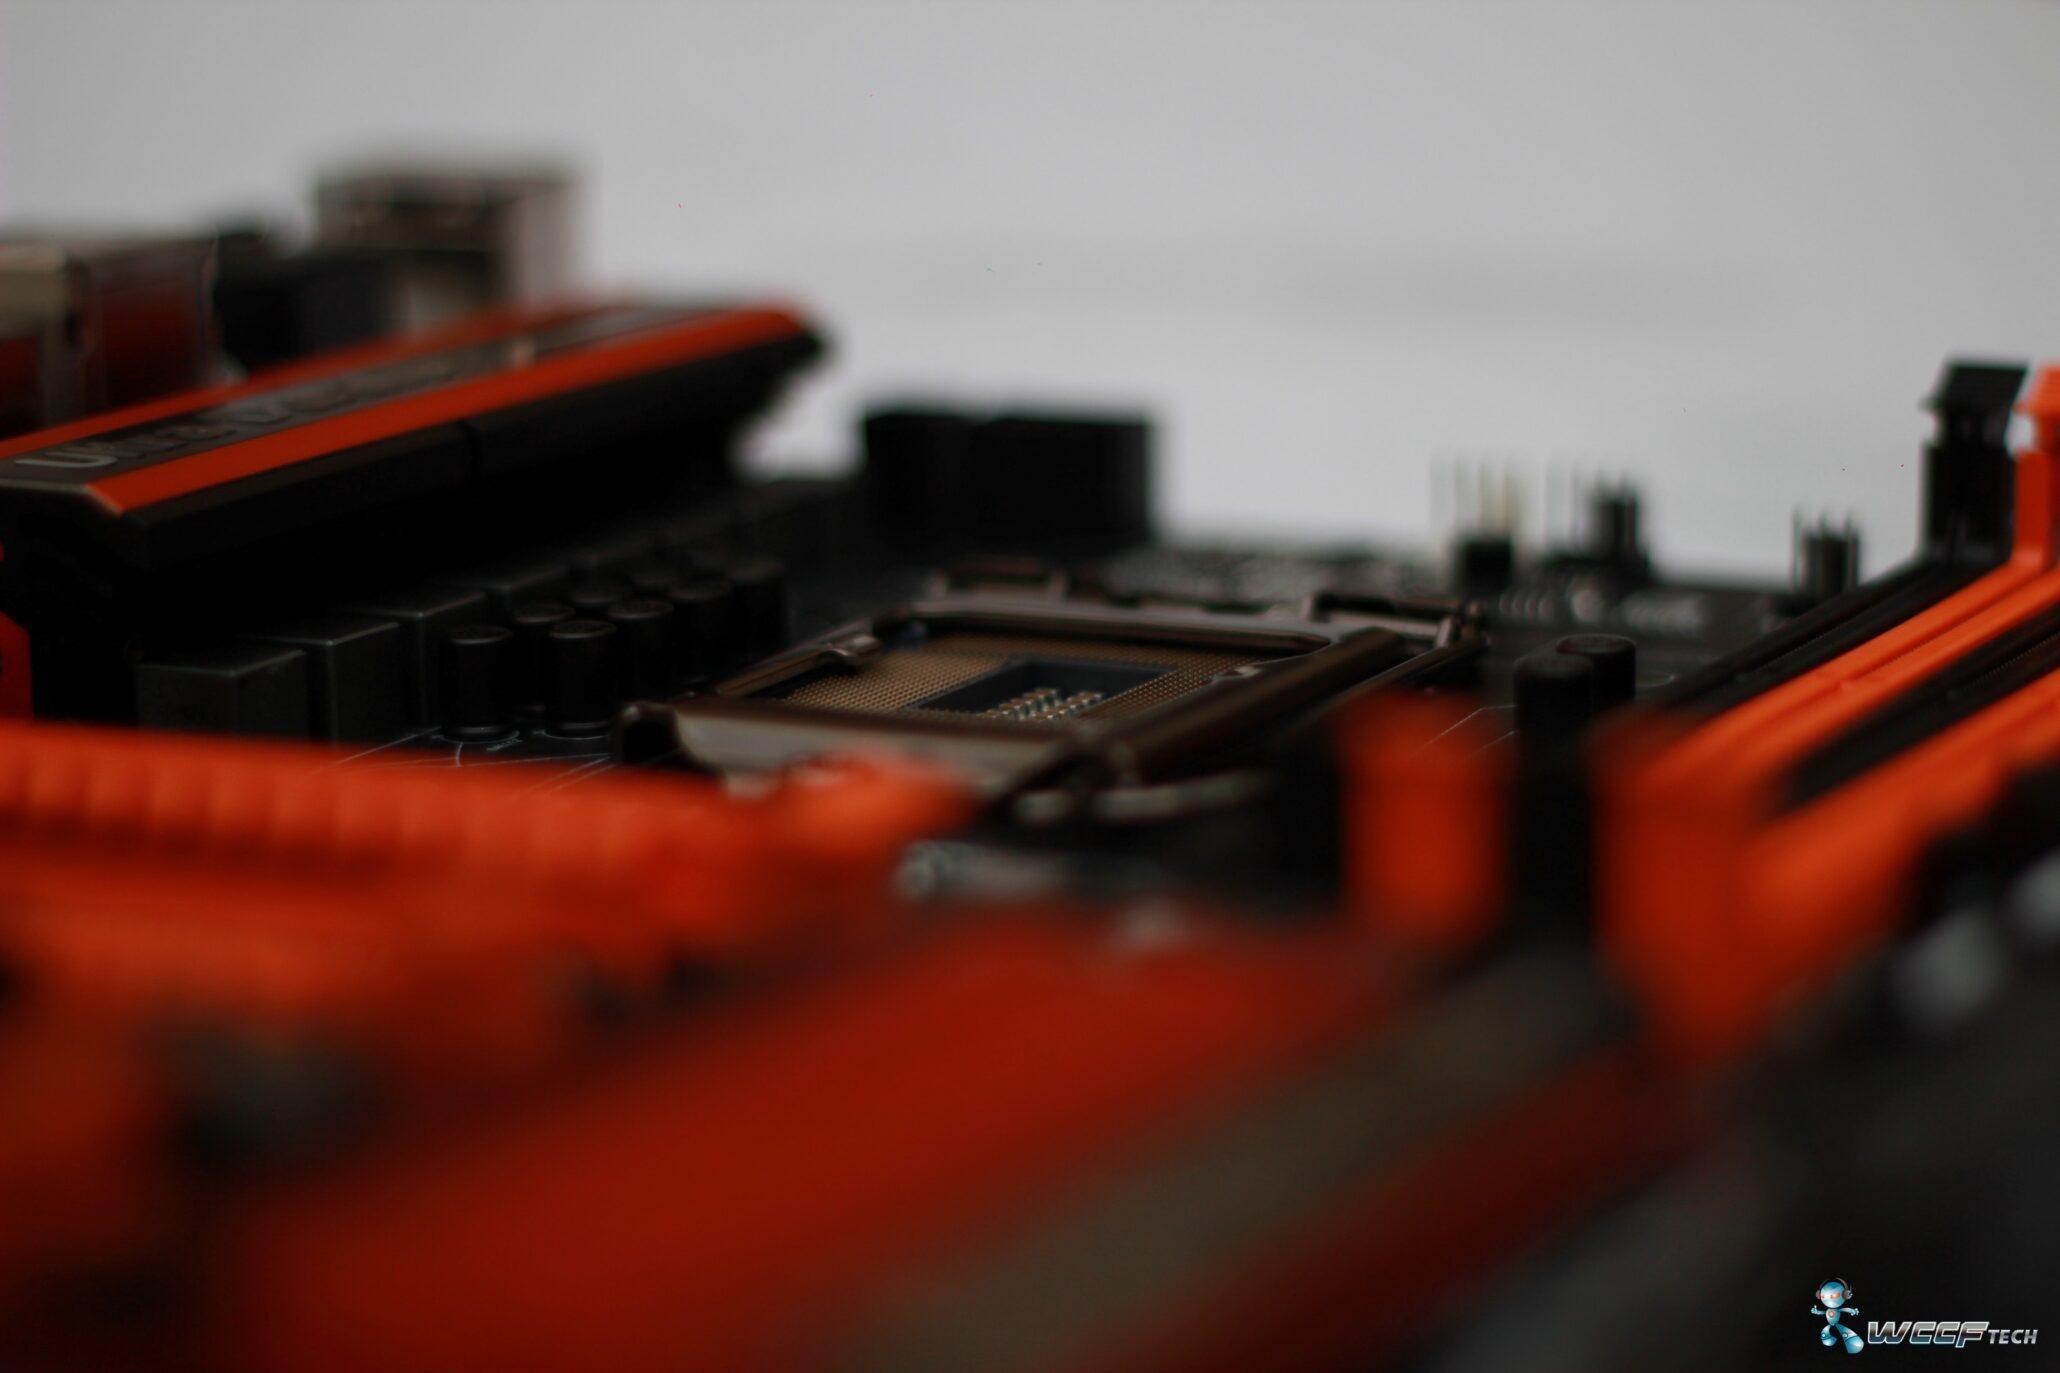 gigabyte-ga-z97x-soc-force_teaser-shot-2